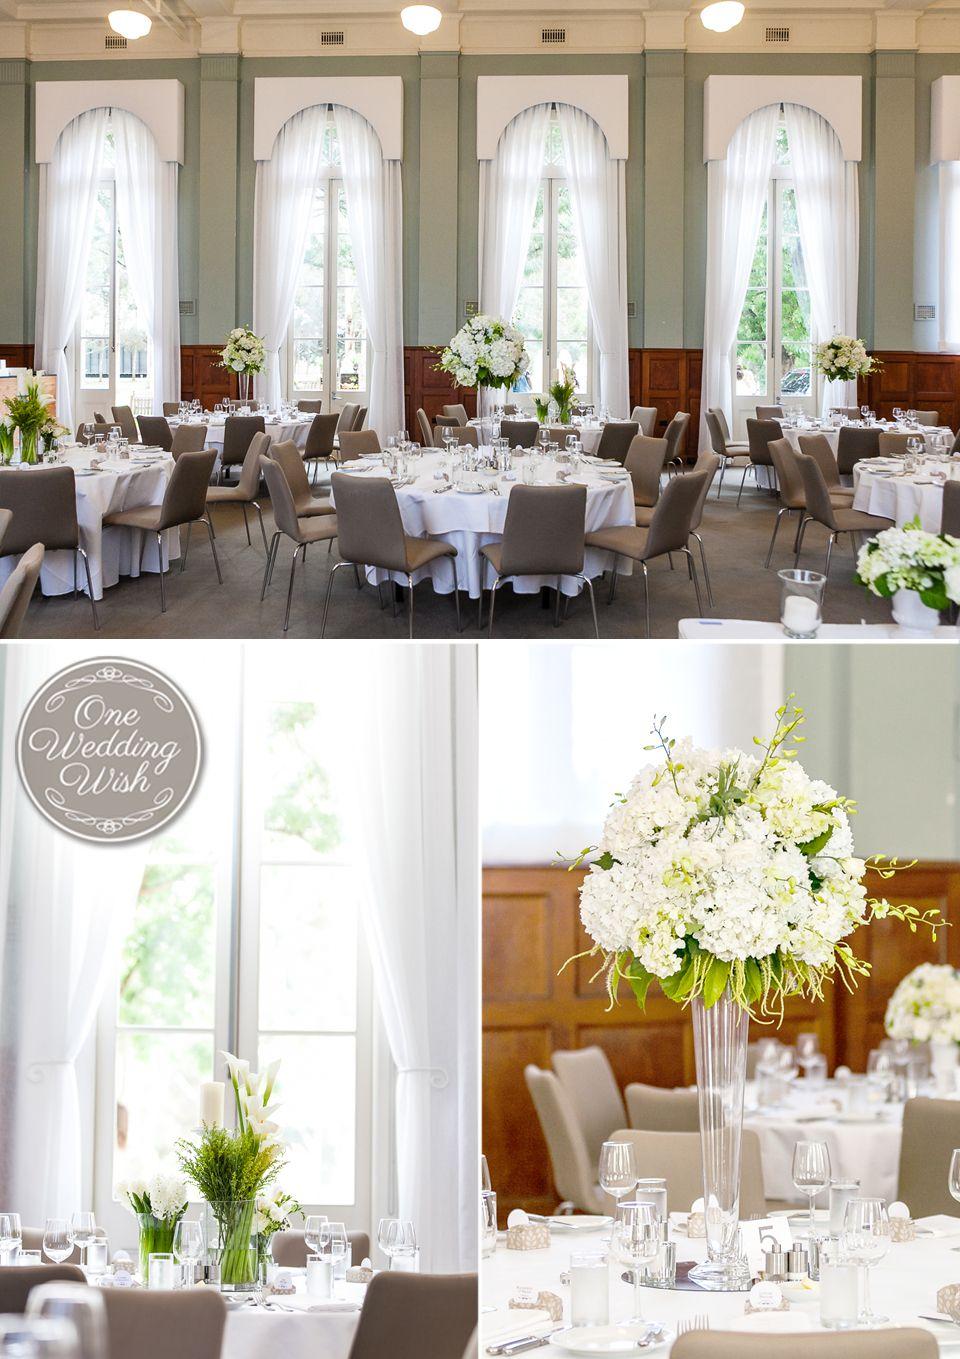 Wedding Styling Nicole Aaron Werribee Mansion 9 Wedding Styling Nicole Aaron Werribee Mansion 9 reception